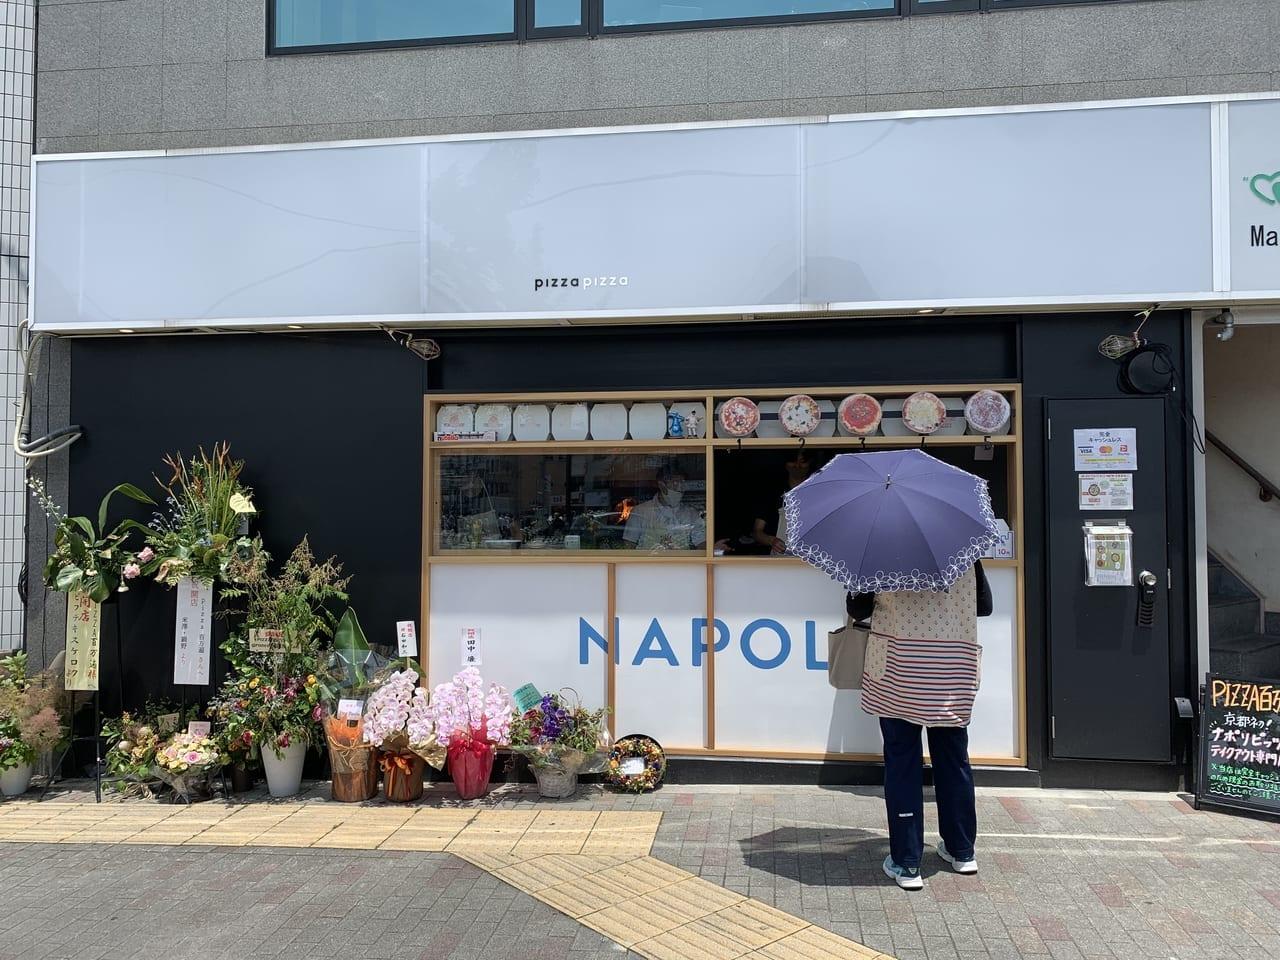 京都大学近くにオープンしたPIZZA百万遍